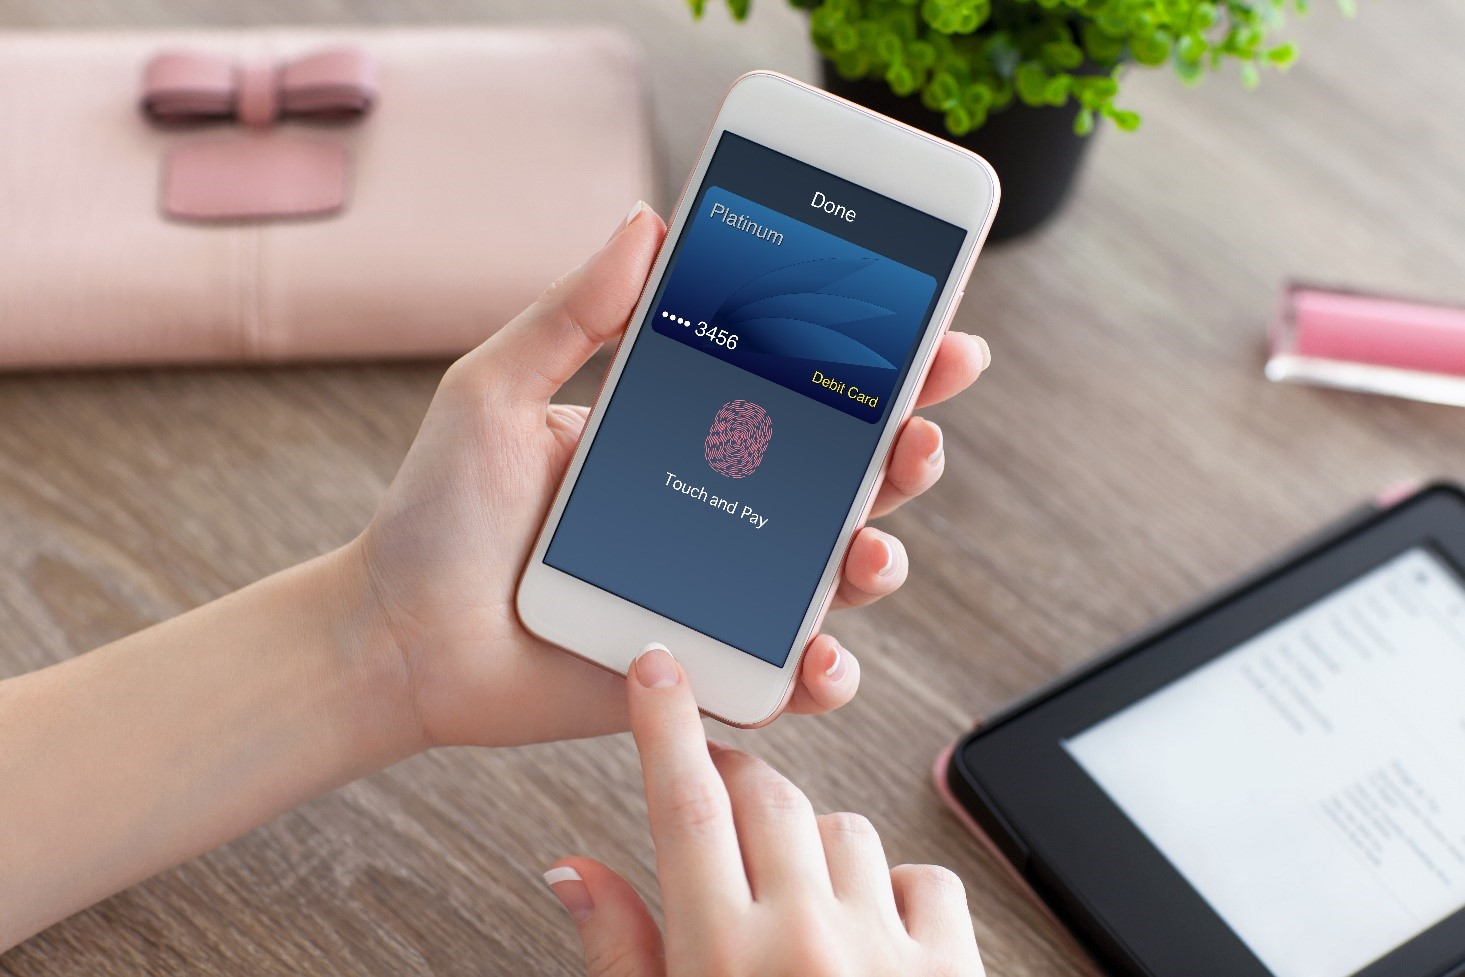 指紋辨識技術 影響次世代手機設計觀